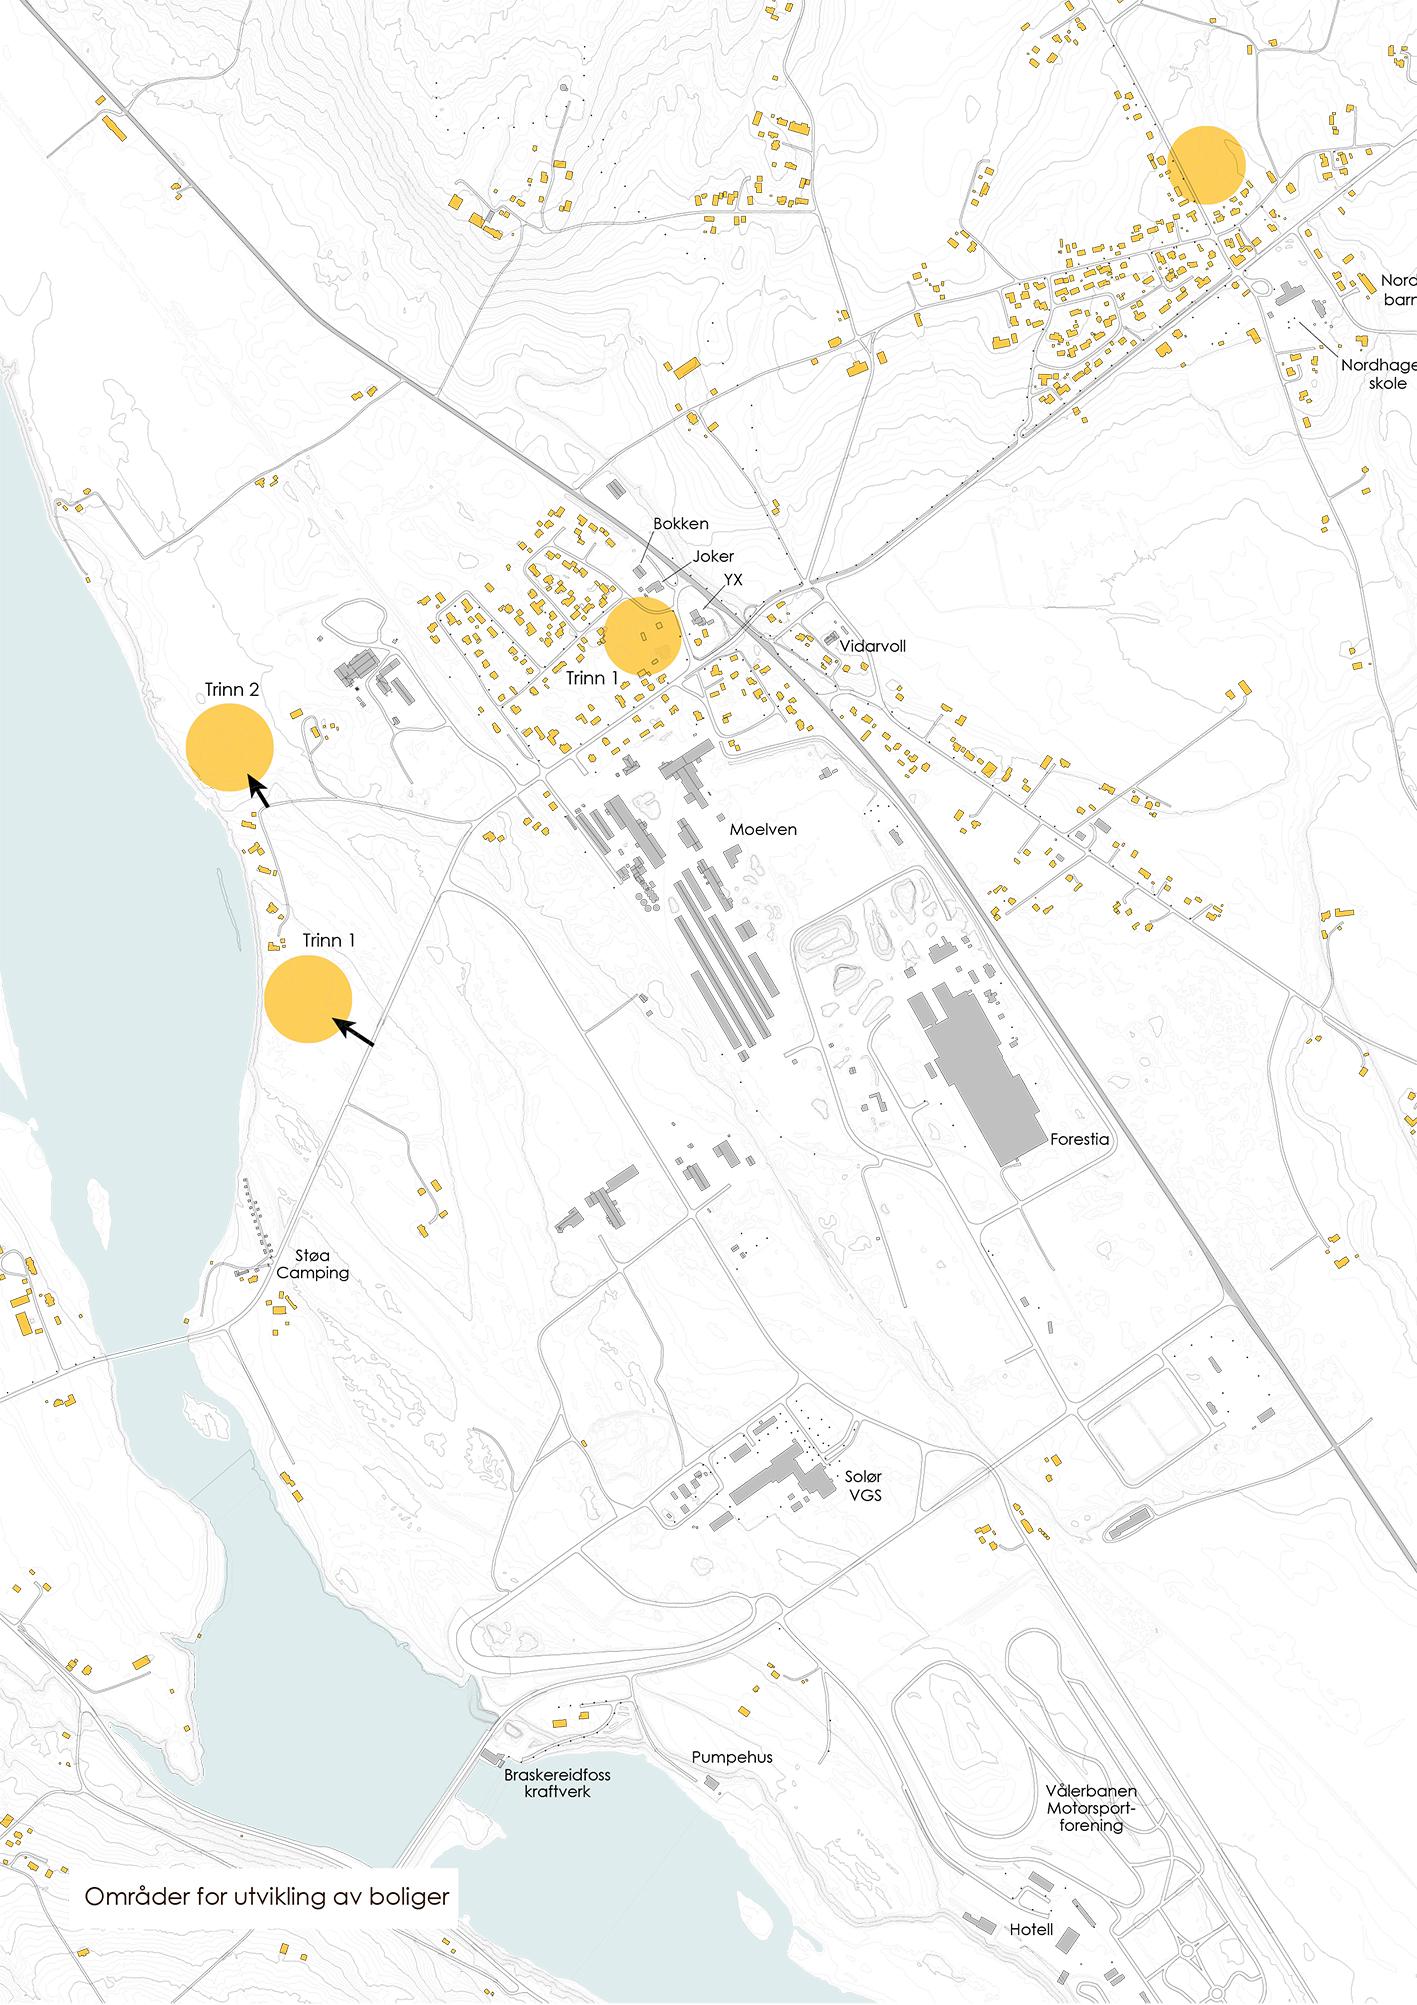 områder for boligutvikling